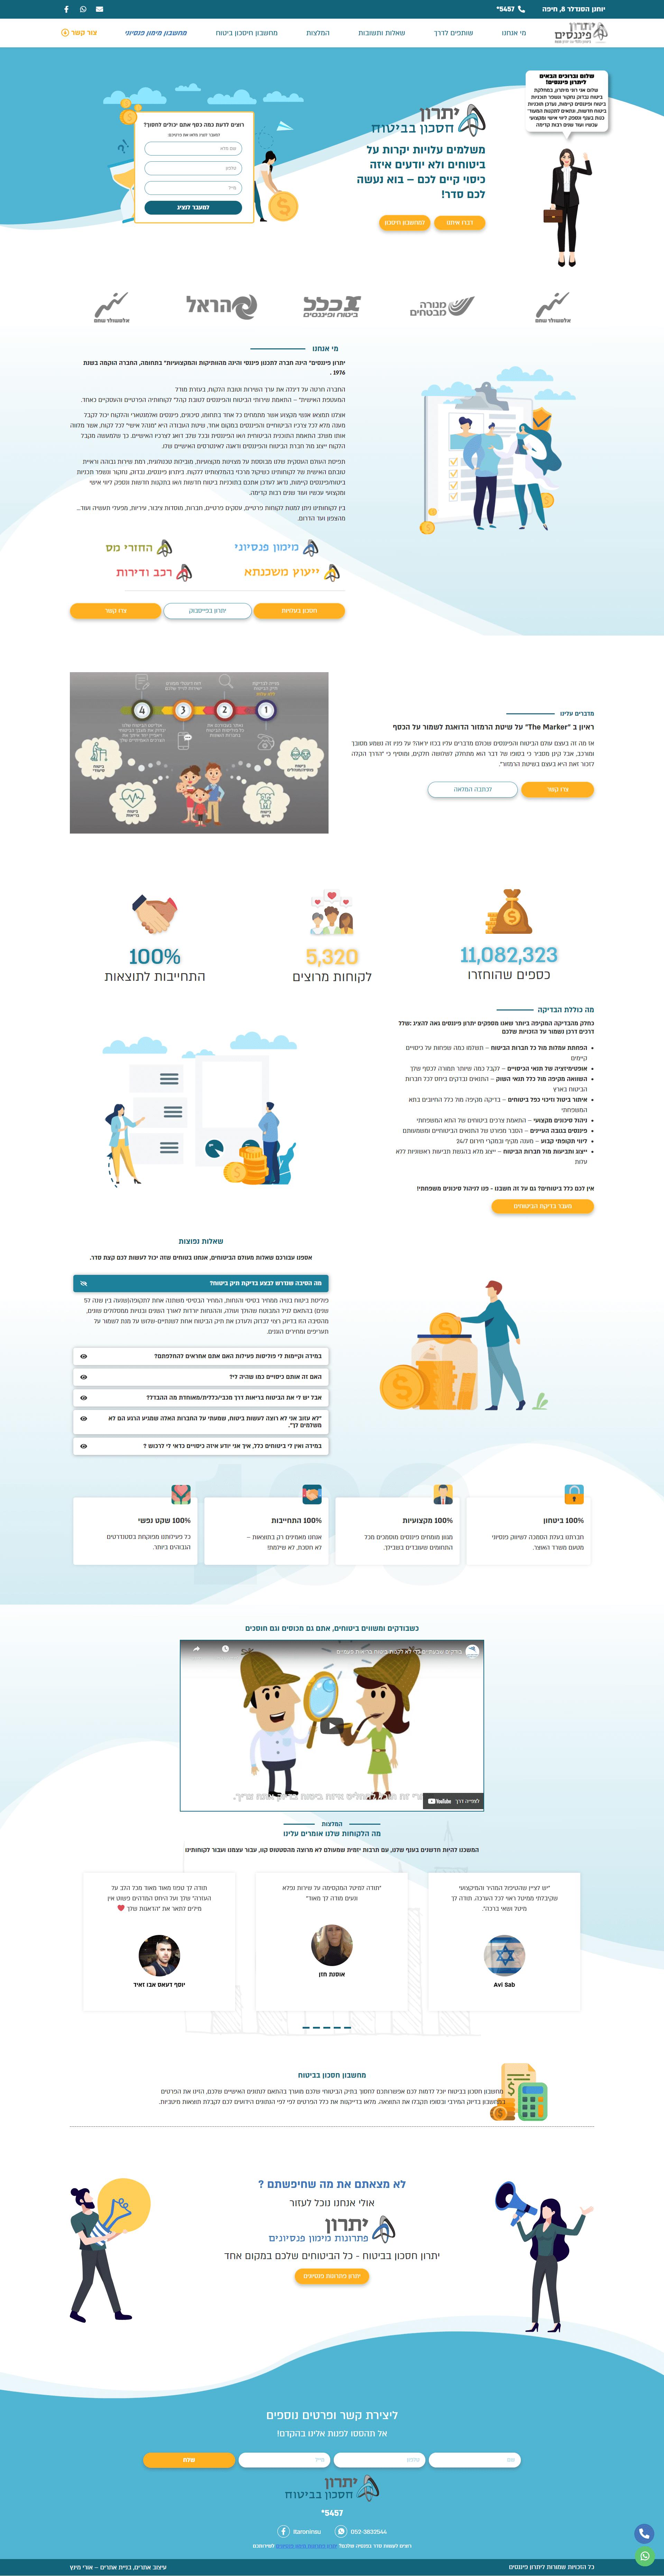 בניית אתרים - יתרון פיננסים